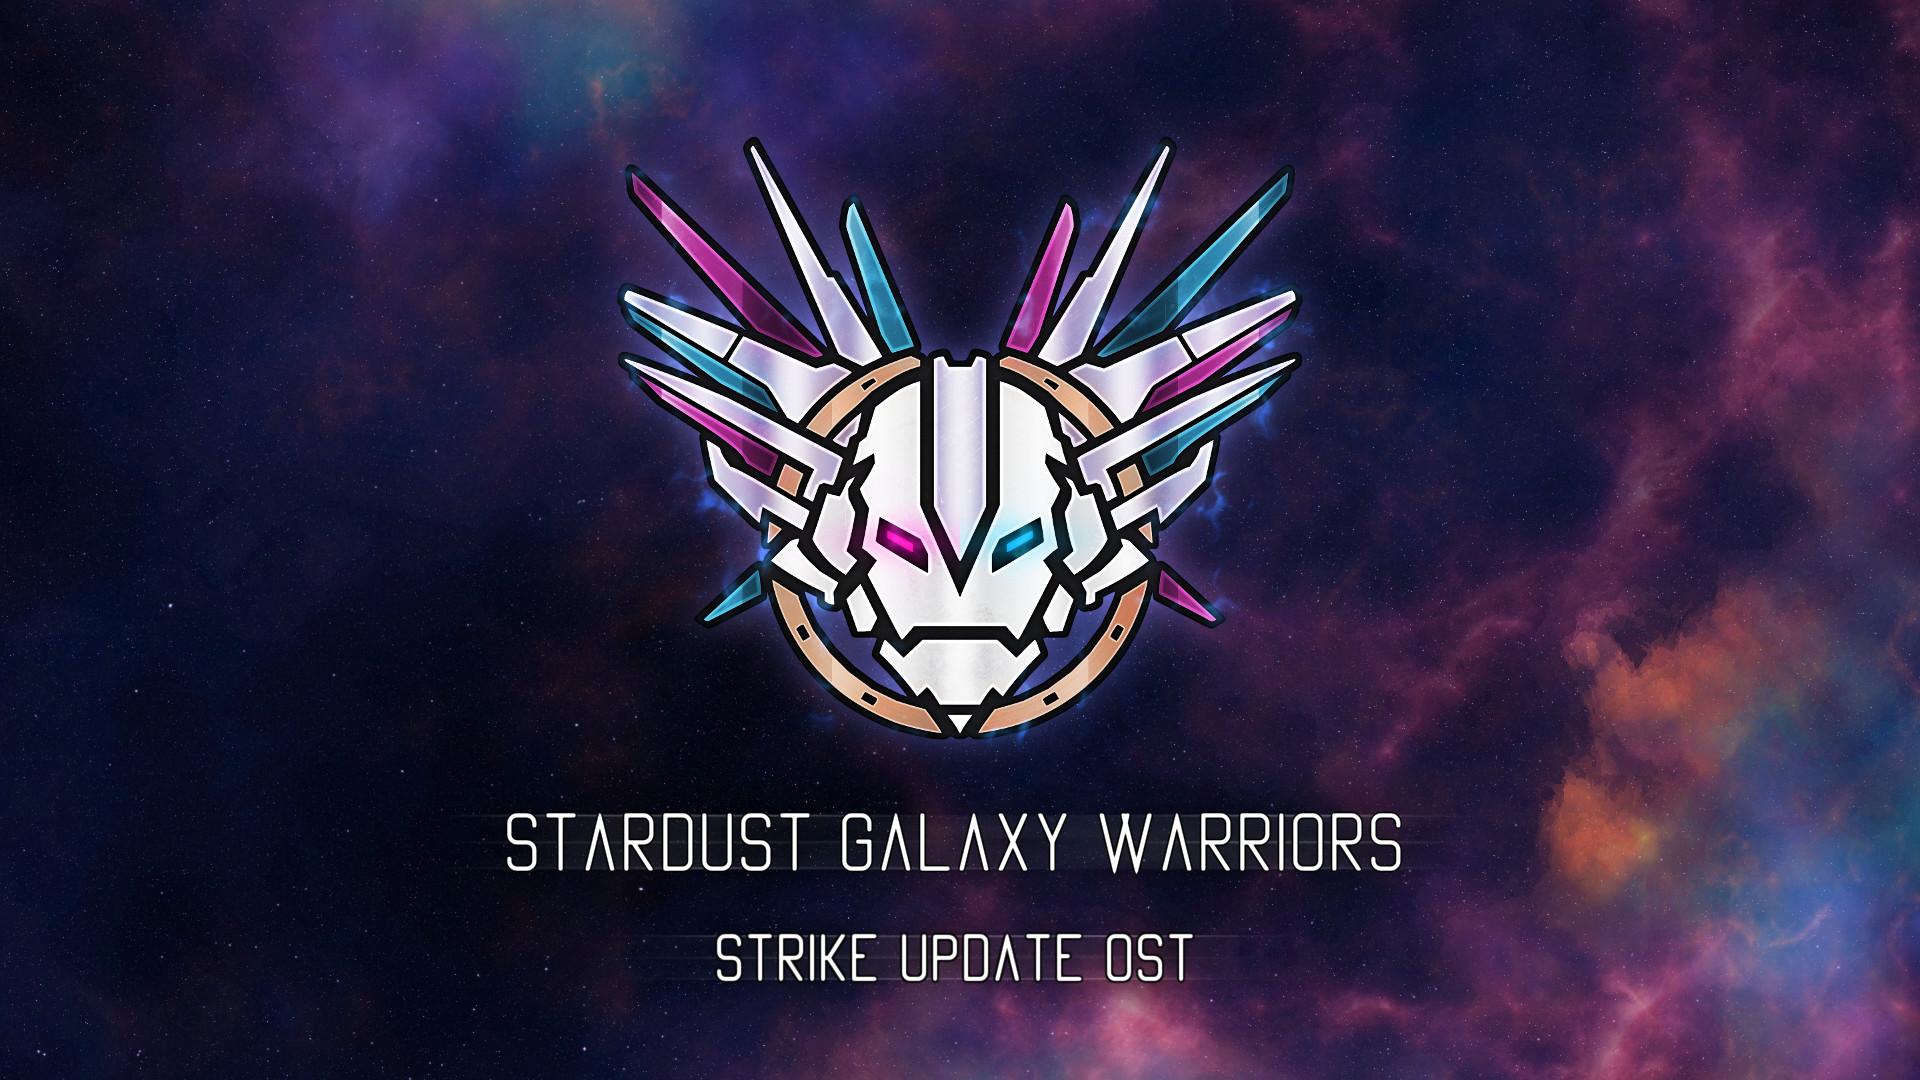 Stardust Galaxy Warriors - Strike Update OST on Steam